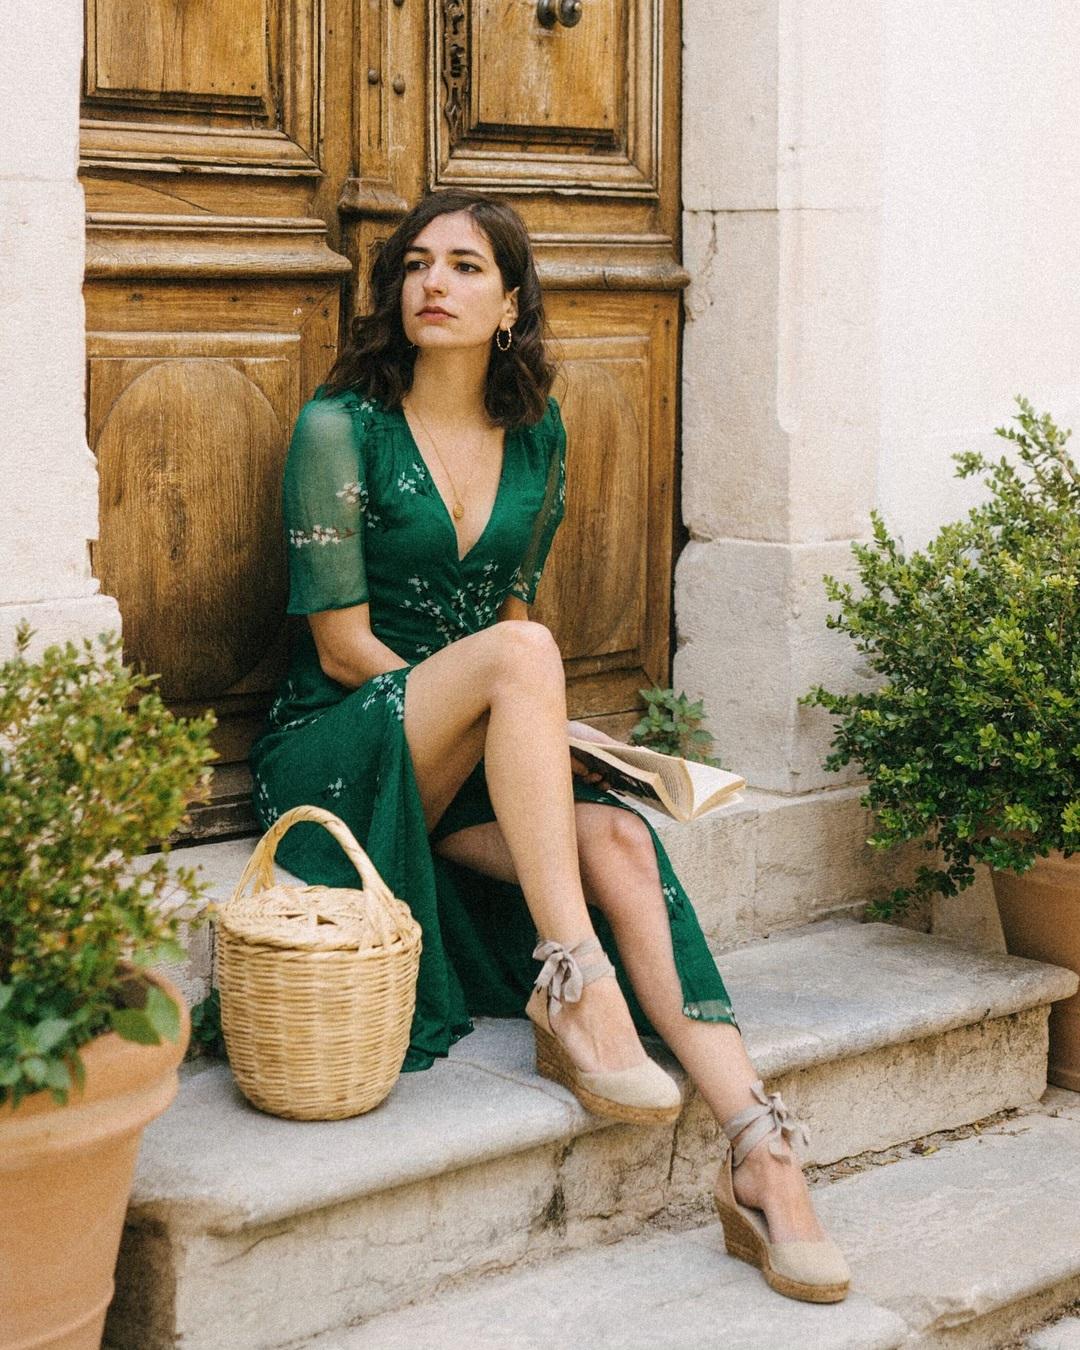 ariadibari mặc đầm xanh mang giày đế cói thắt nơ túi đan cói